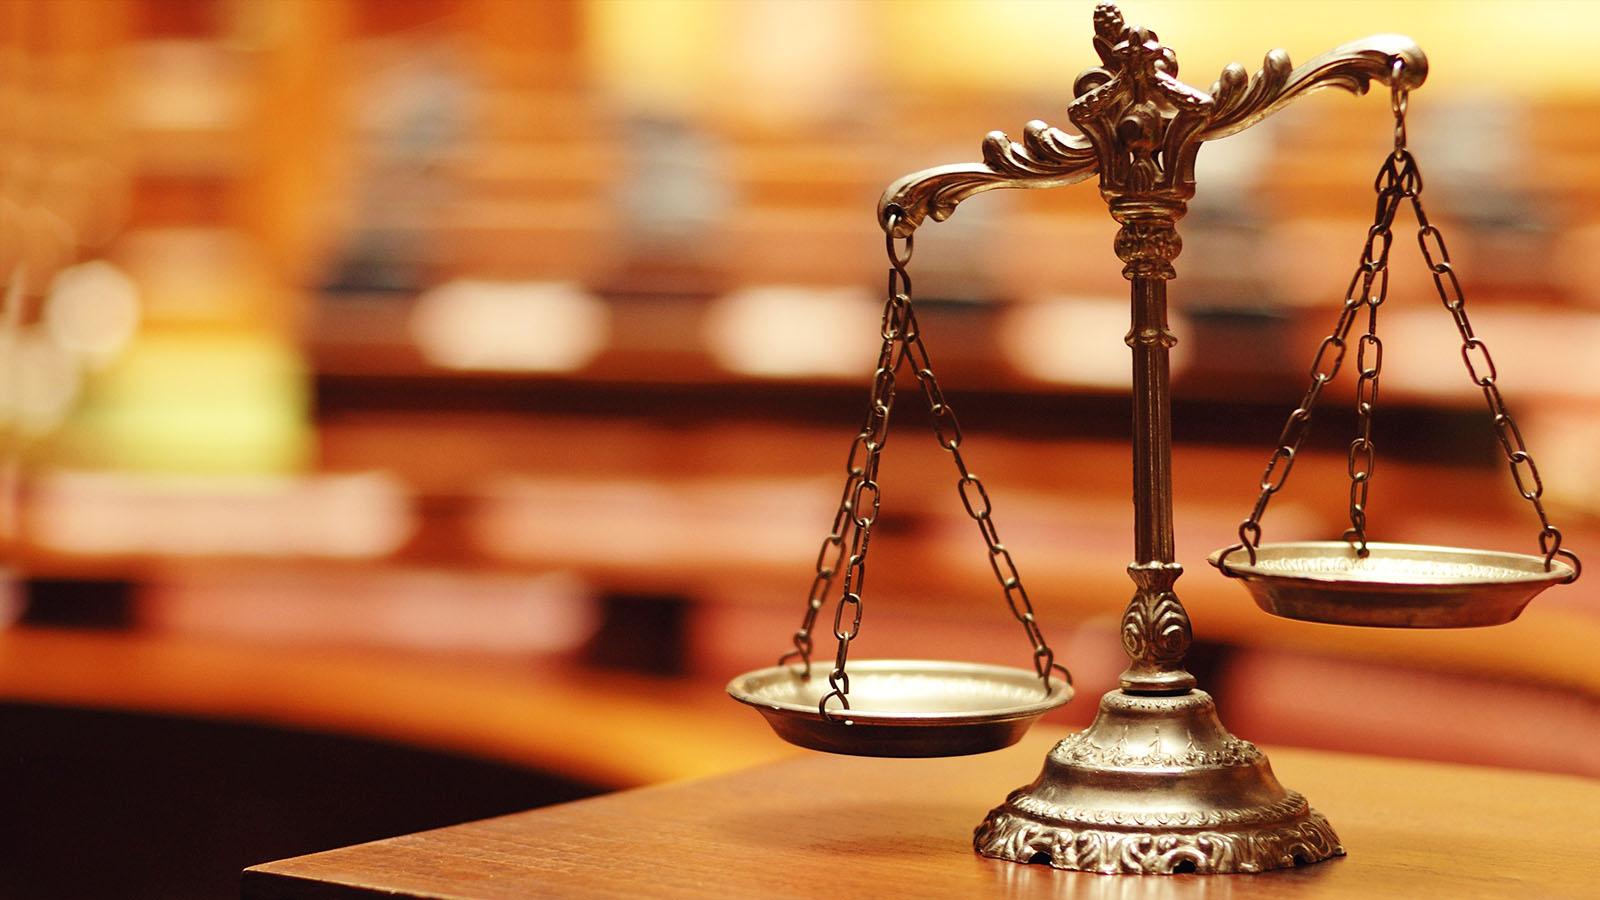 فساد اداری سیستم قضایی عدالت